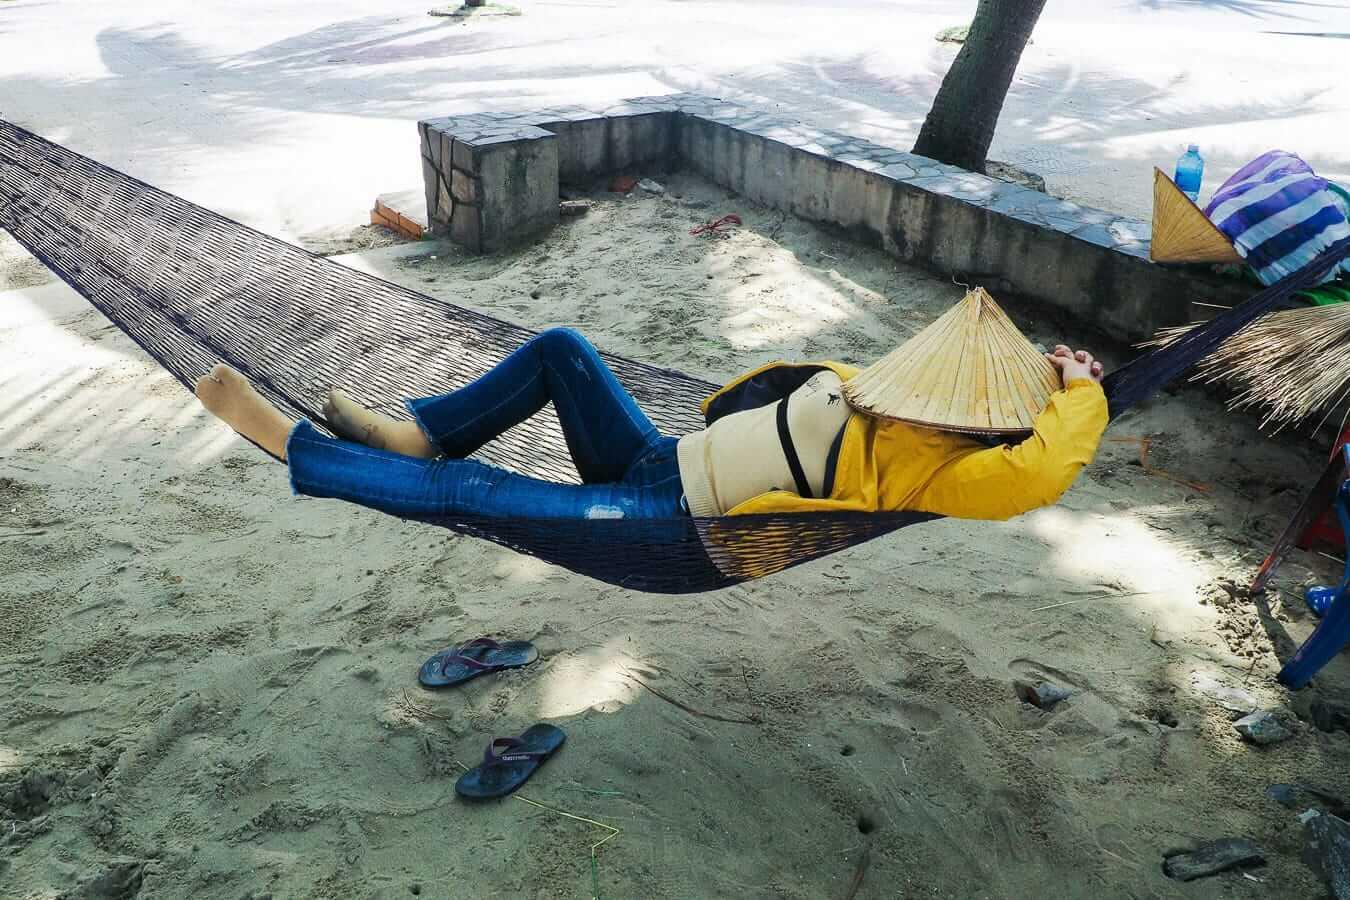 Hammock at Cua Dai Beach